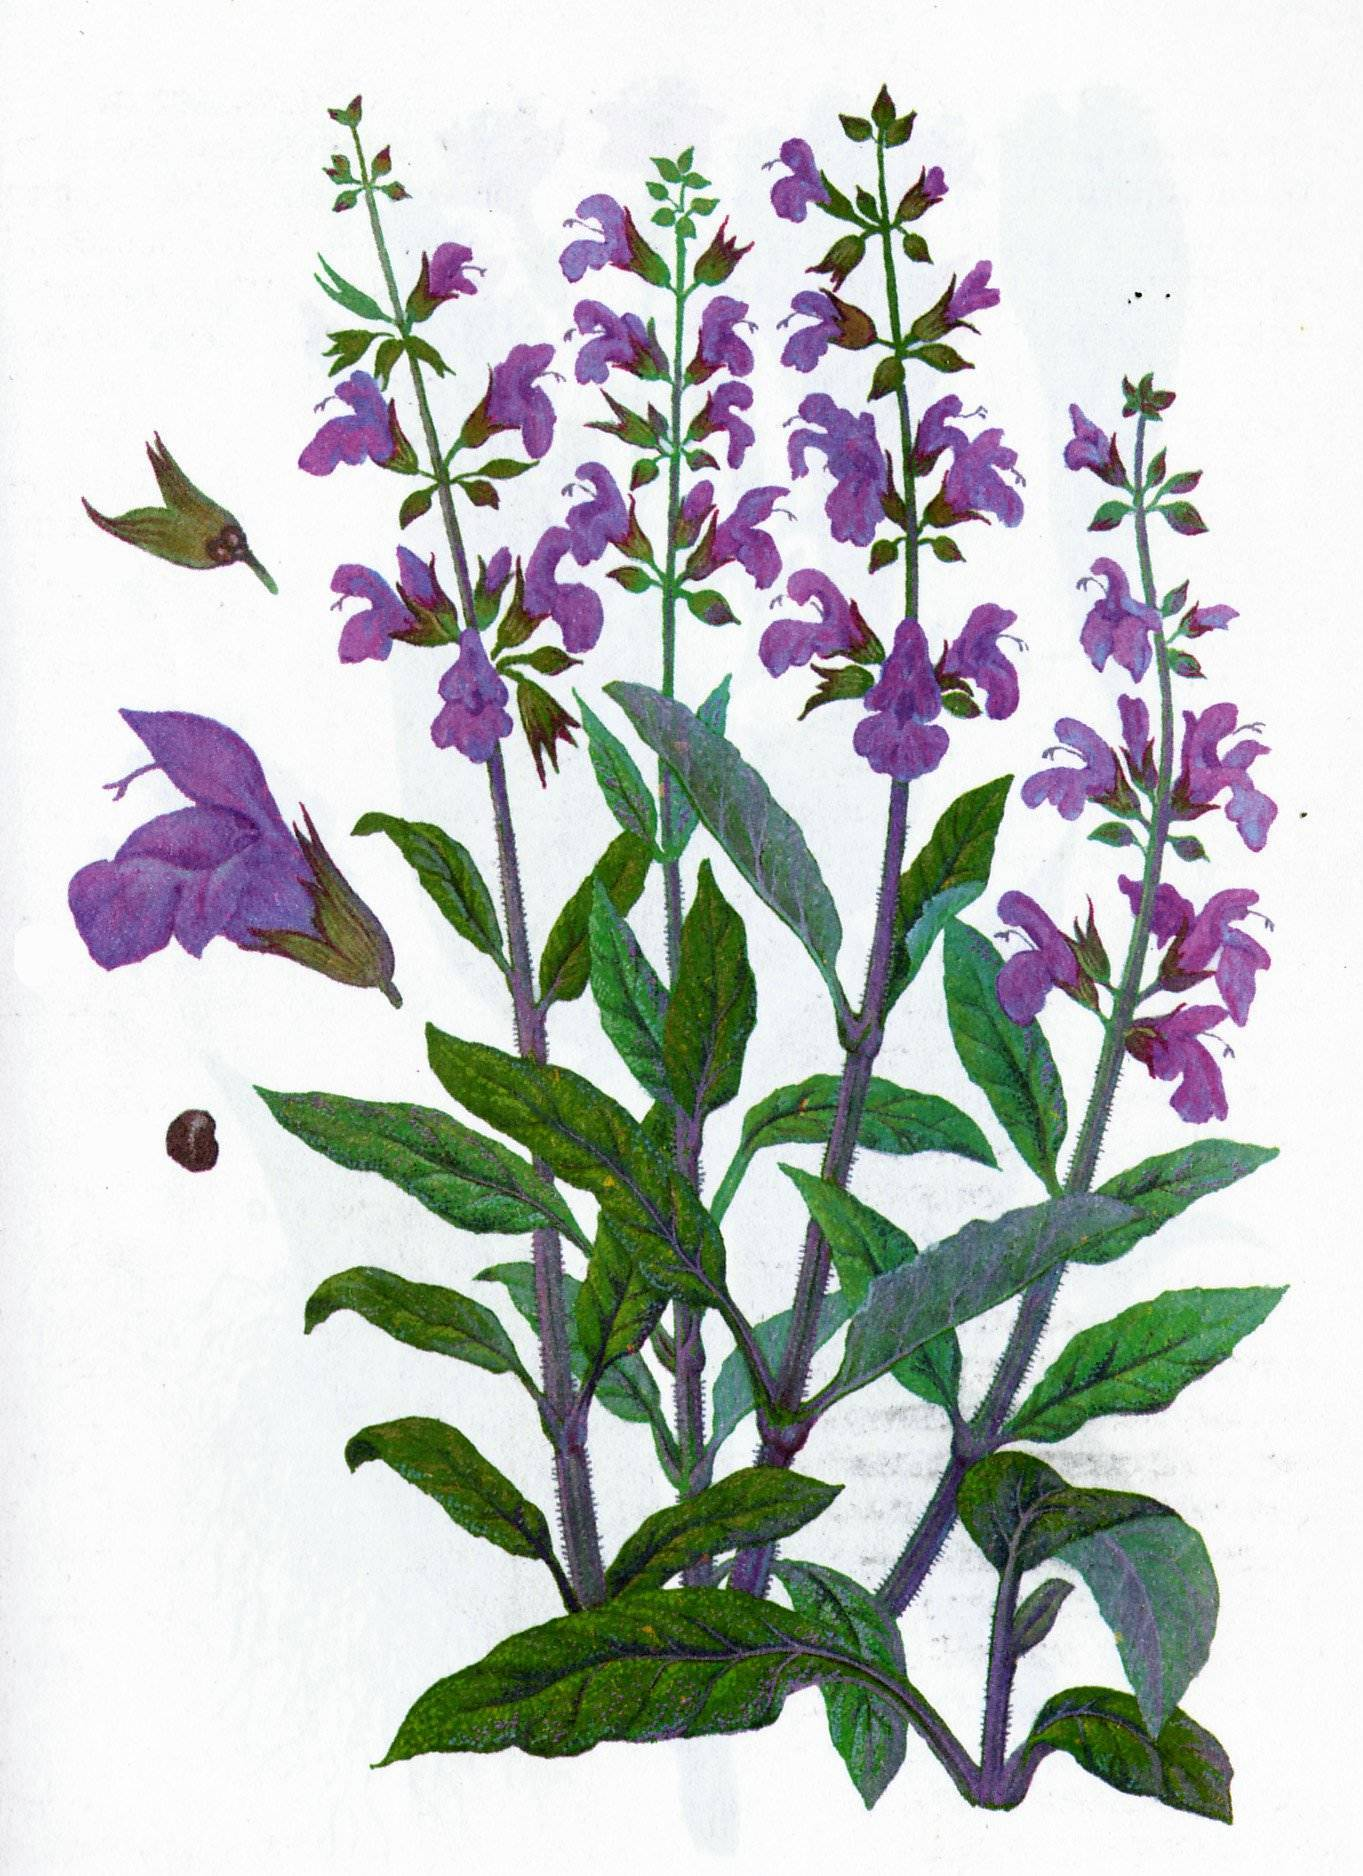 Шалфей - лечебные свойства и противопоказания травы